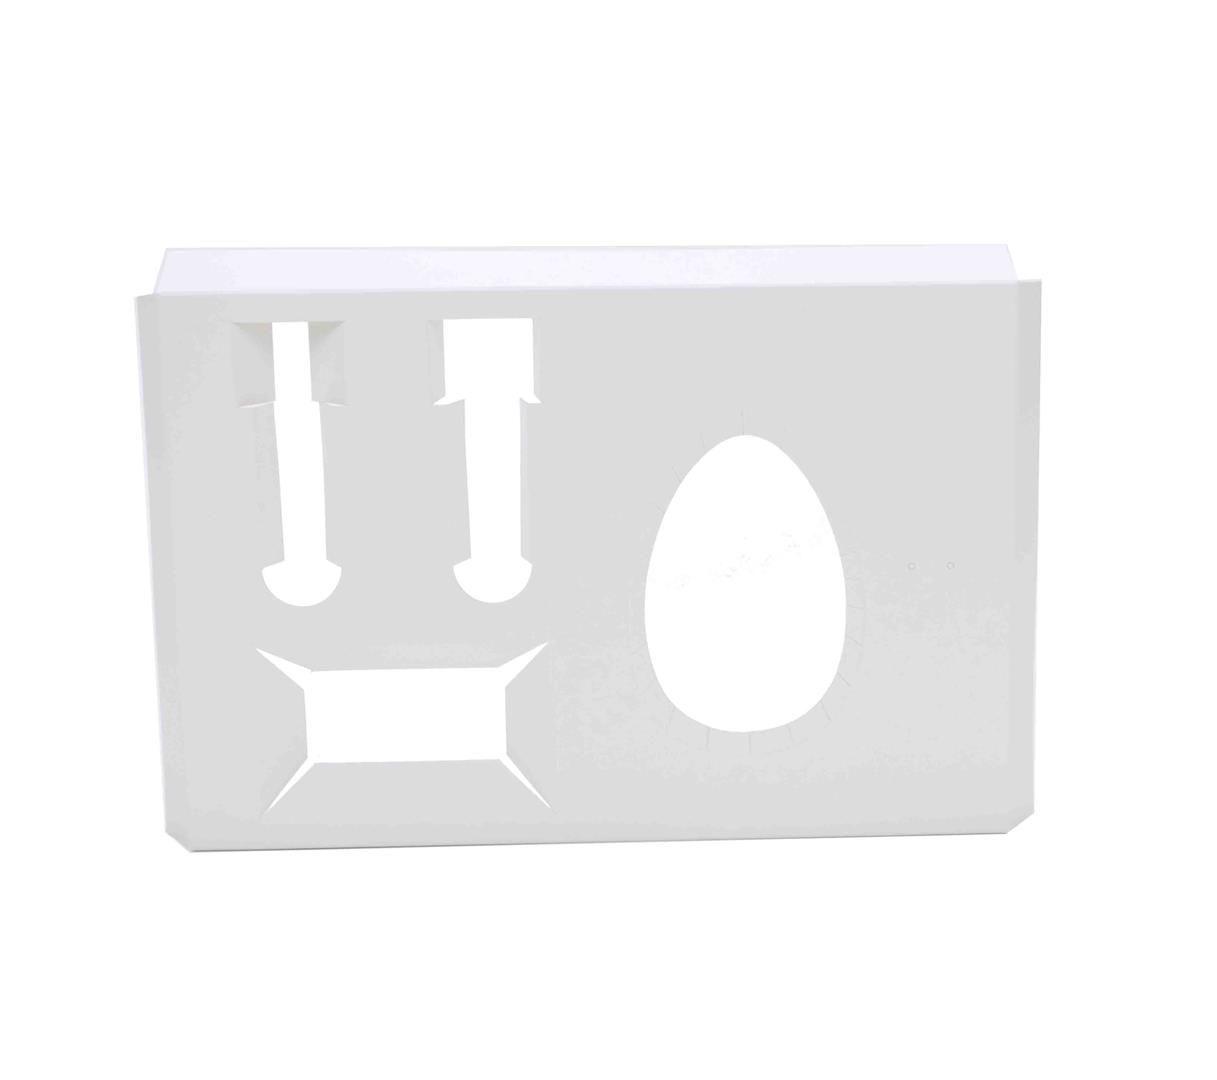 D078 Acessório Mini Confeiteiro Ovo 150 ou 250 gramas - 25x17x1,7 cm